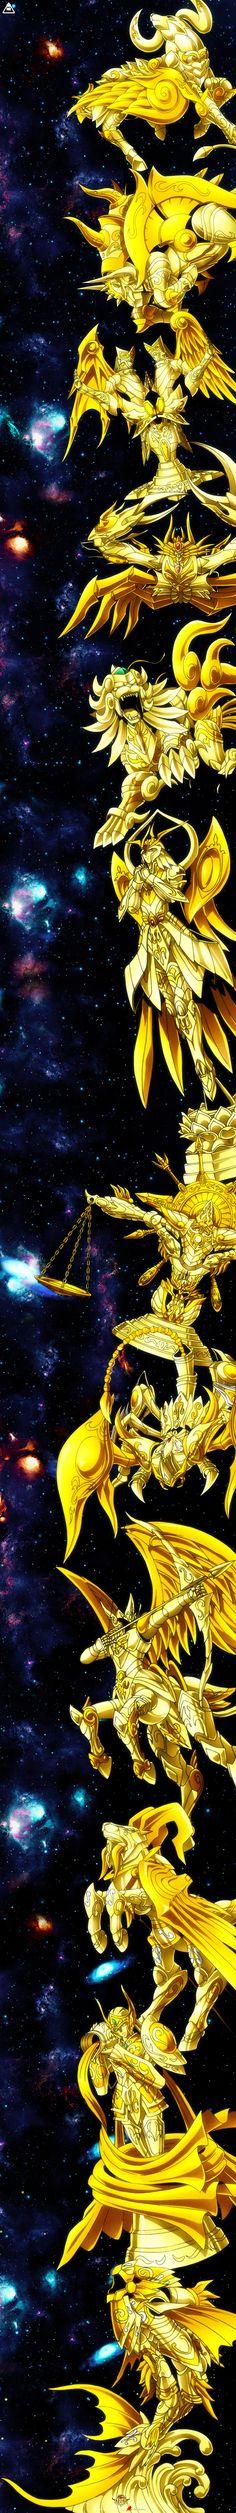 Armaduras de oro                                                                                                                                                                                 Más